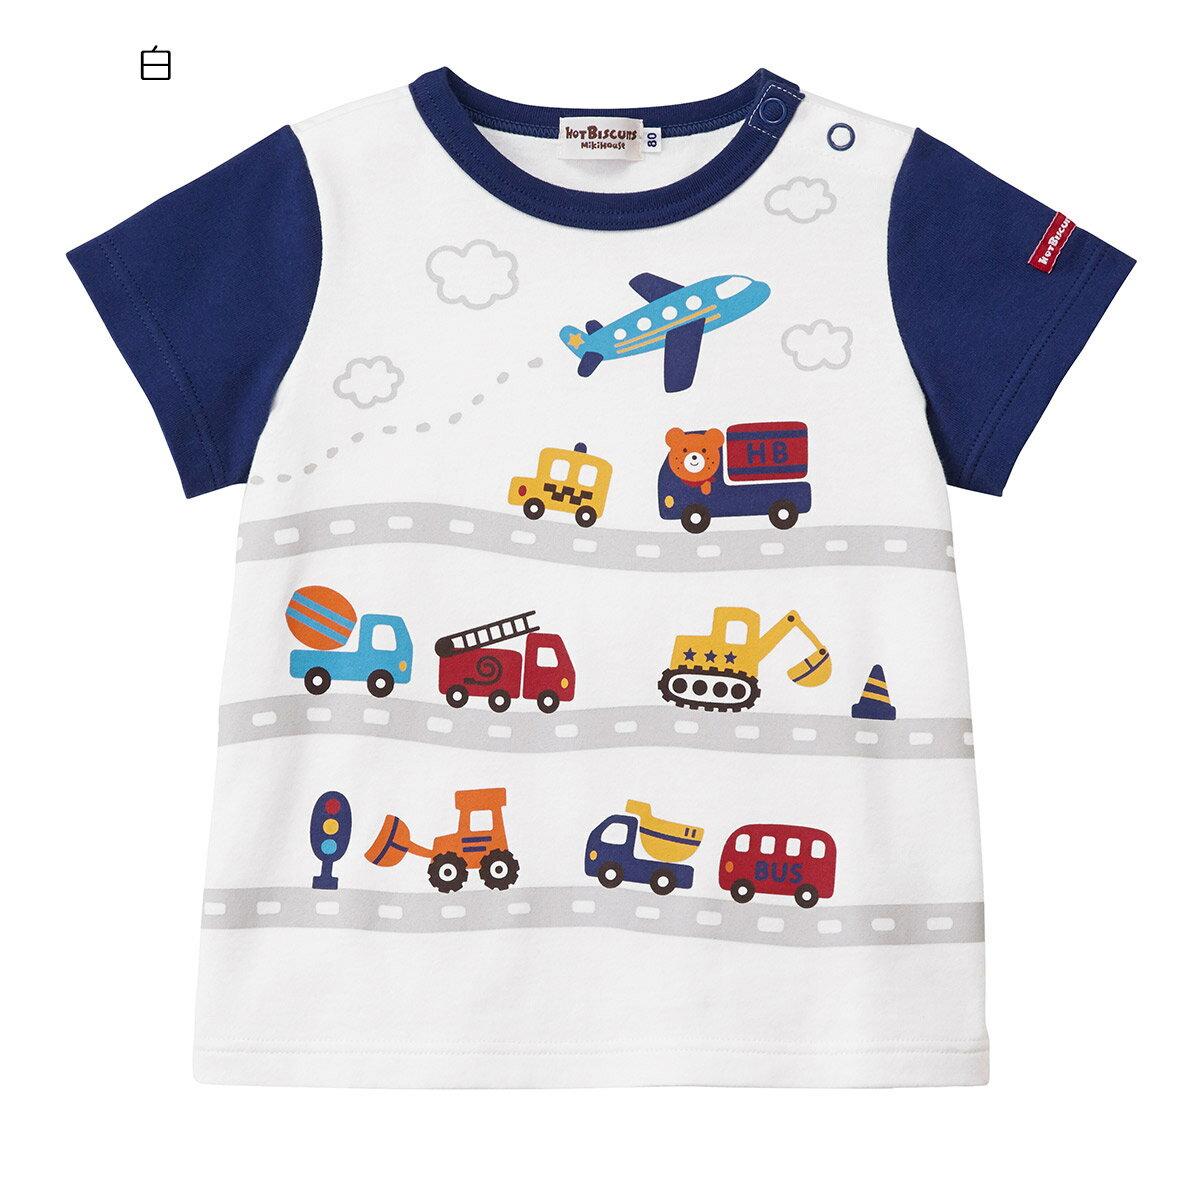 ミキハウス ホットビスケッツ mikihouse 乗り物いっぱい半袖Tシャツ(80cm・90cm・100cm・110cm)